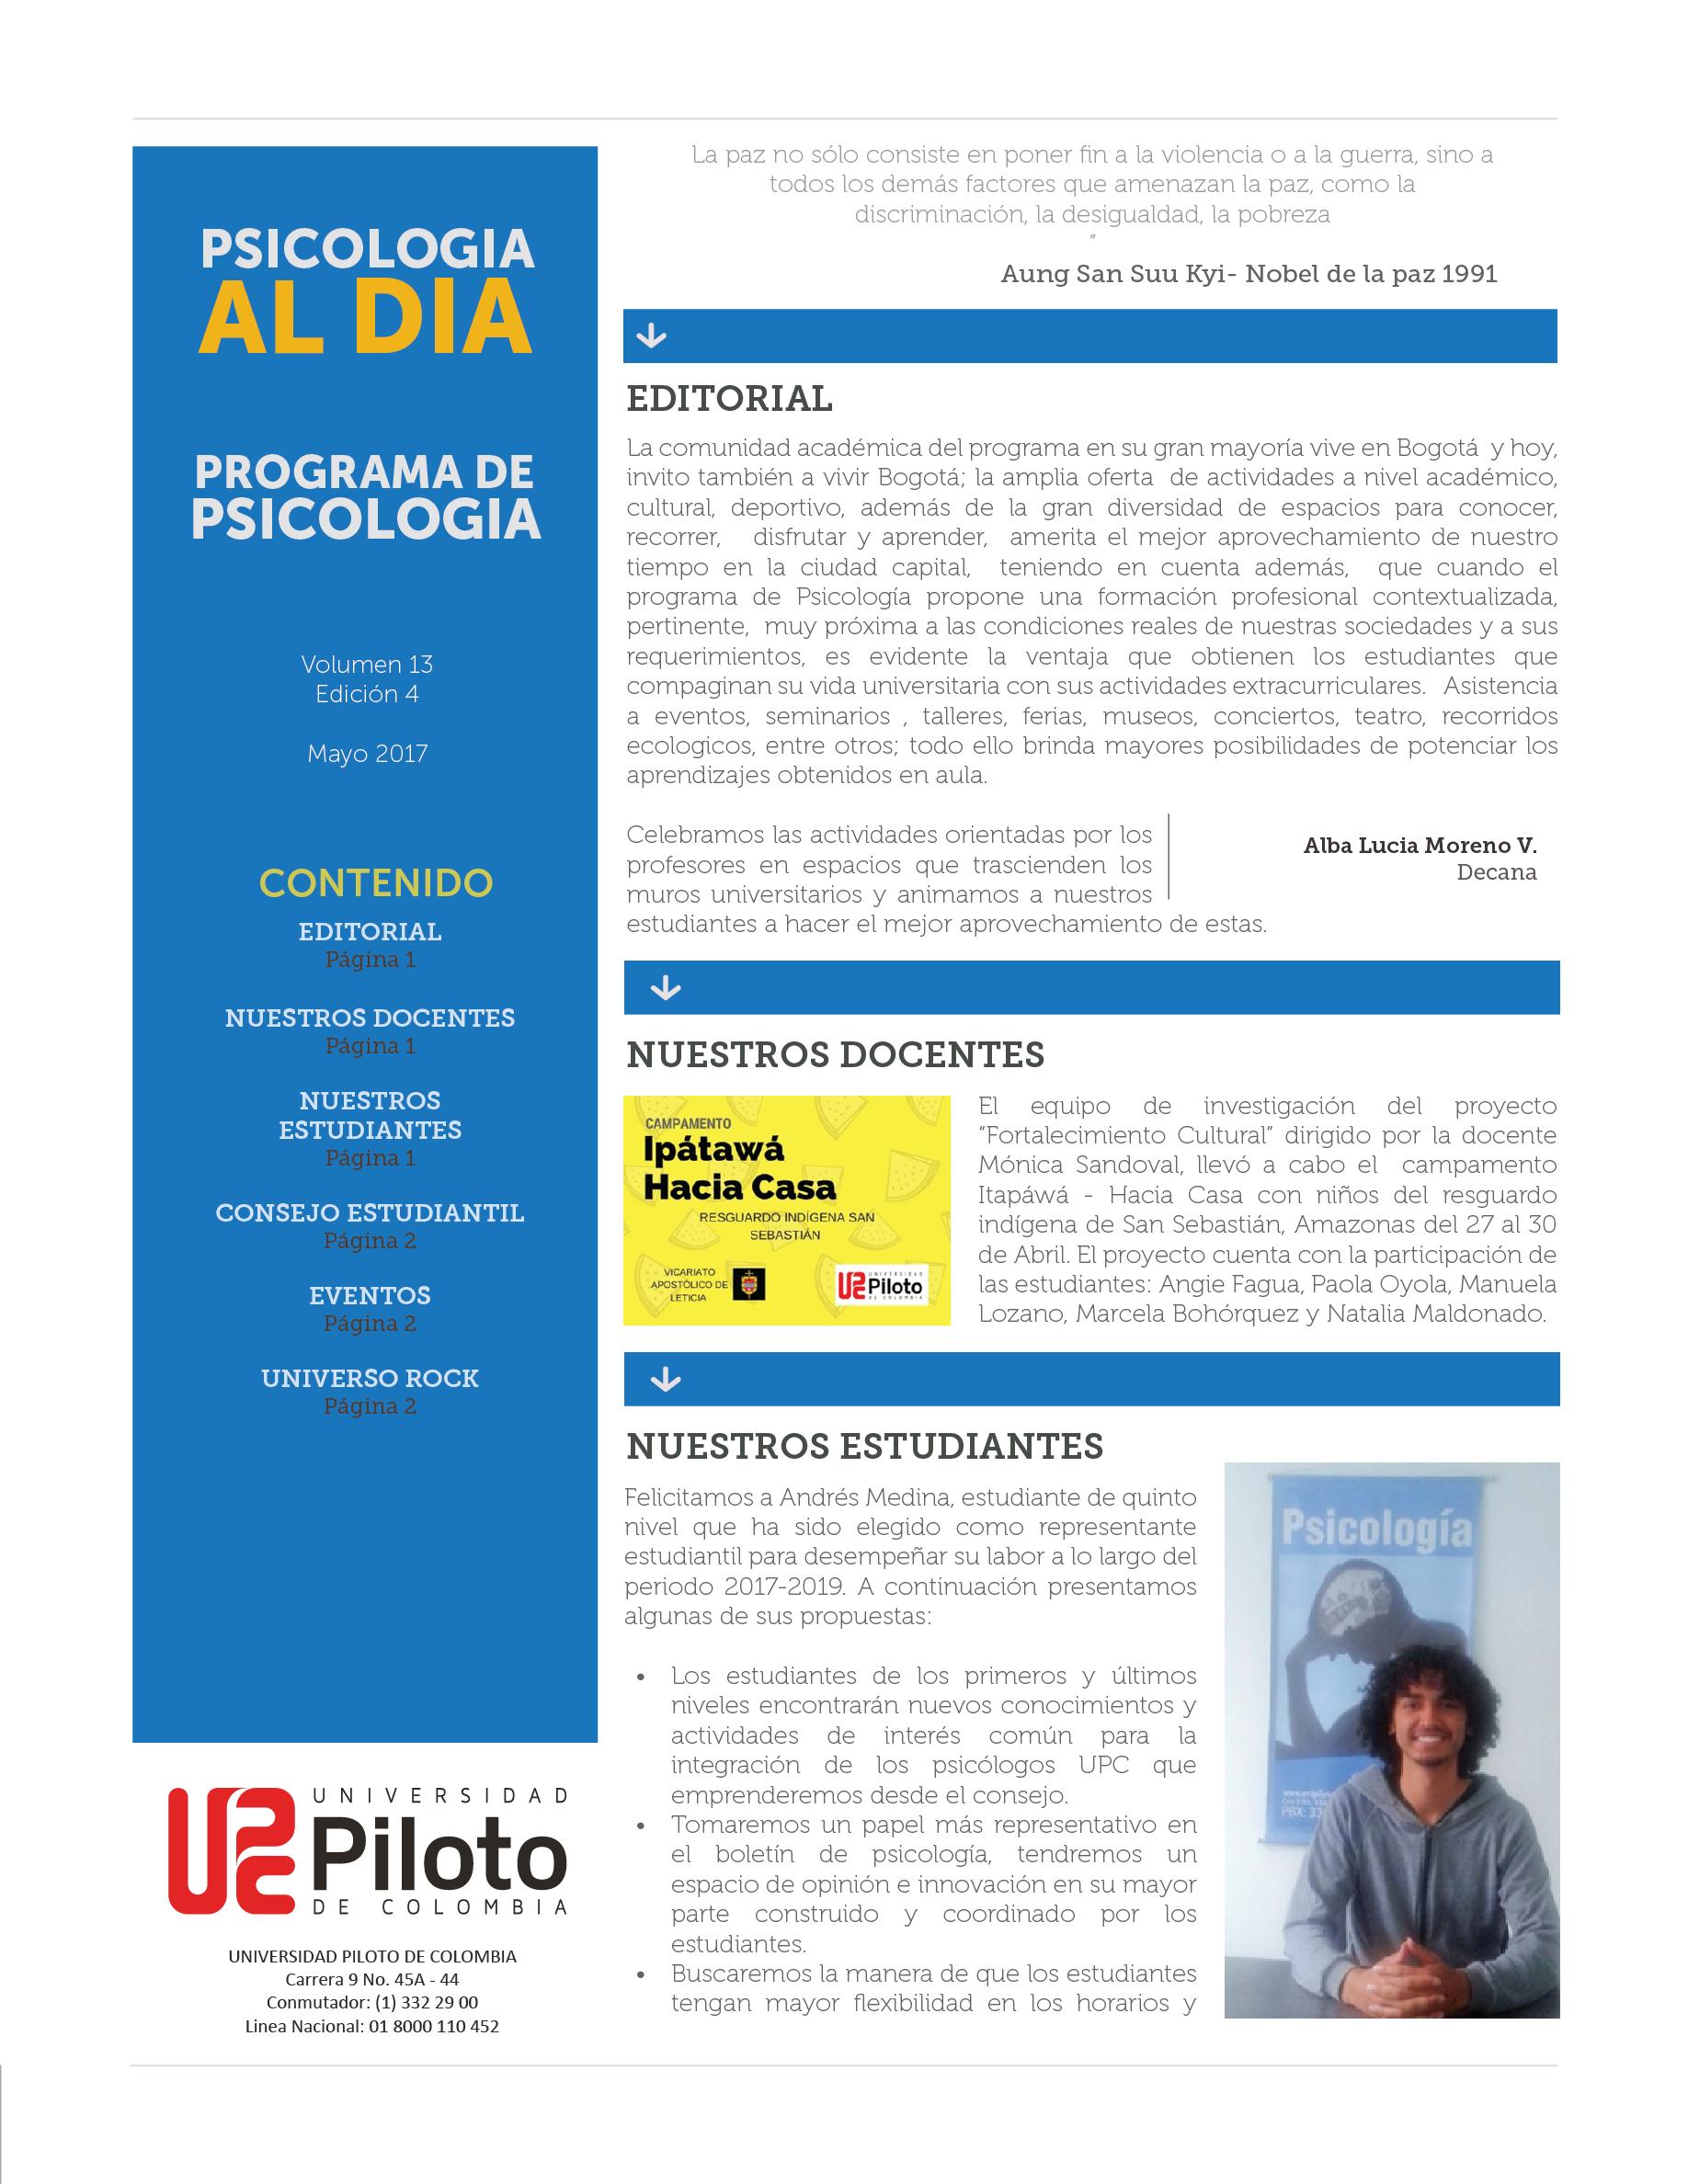 Psicologia-Mayo2017_Pagina1 (1)